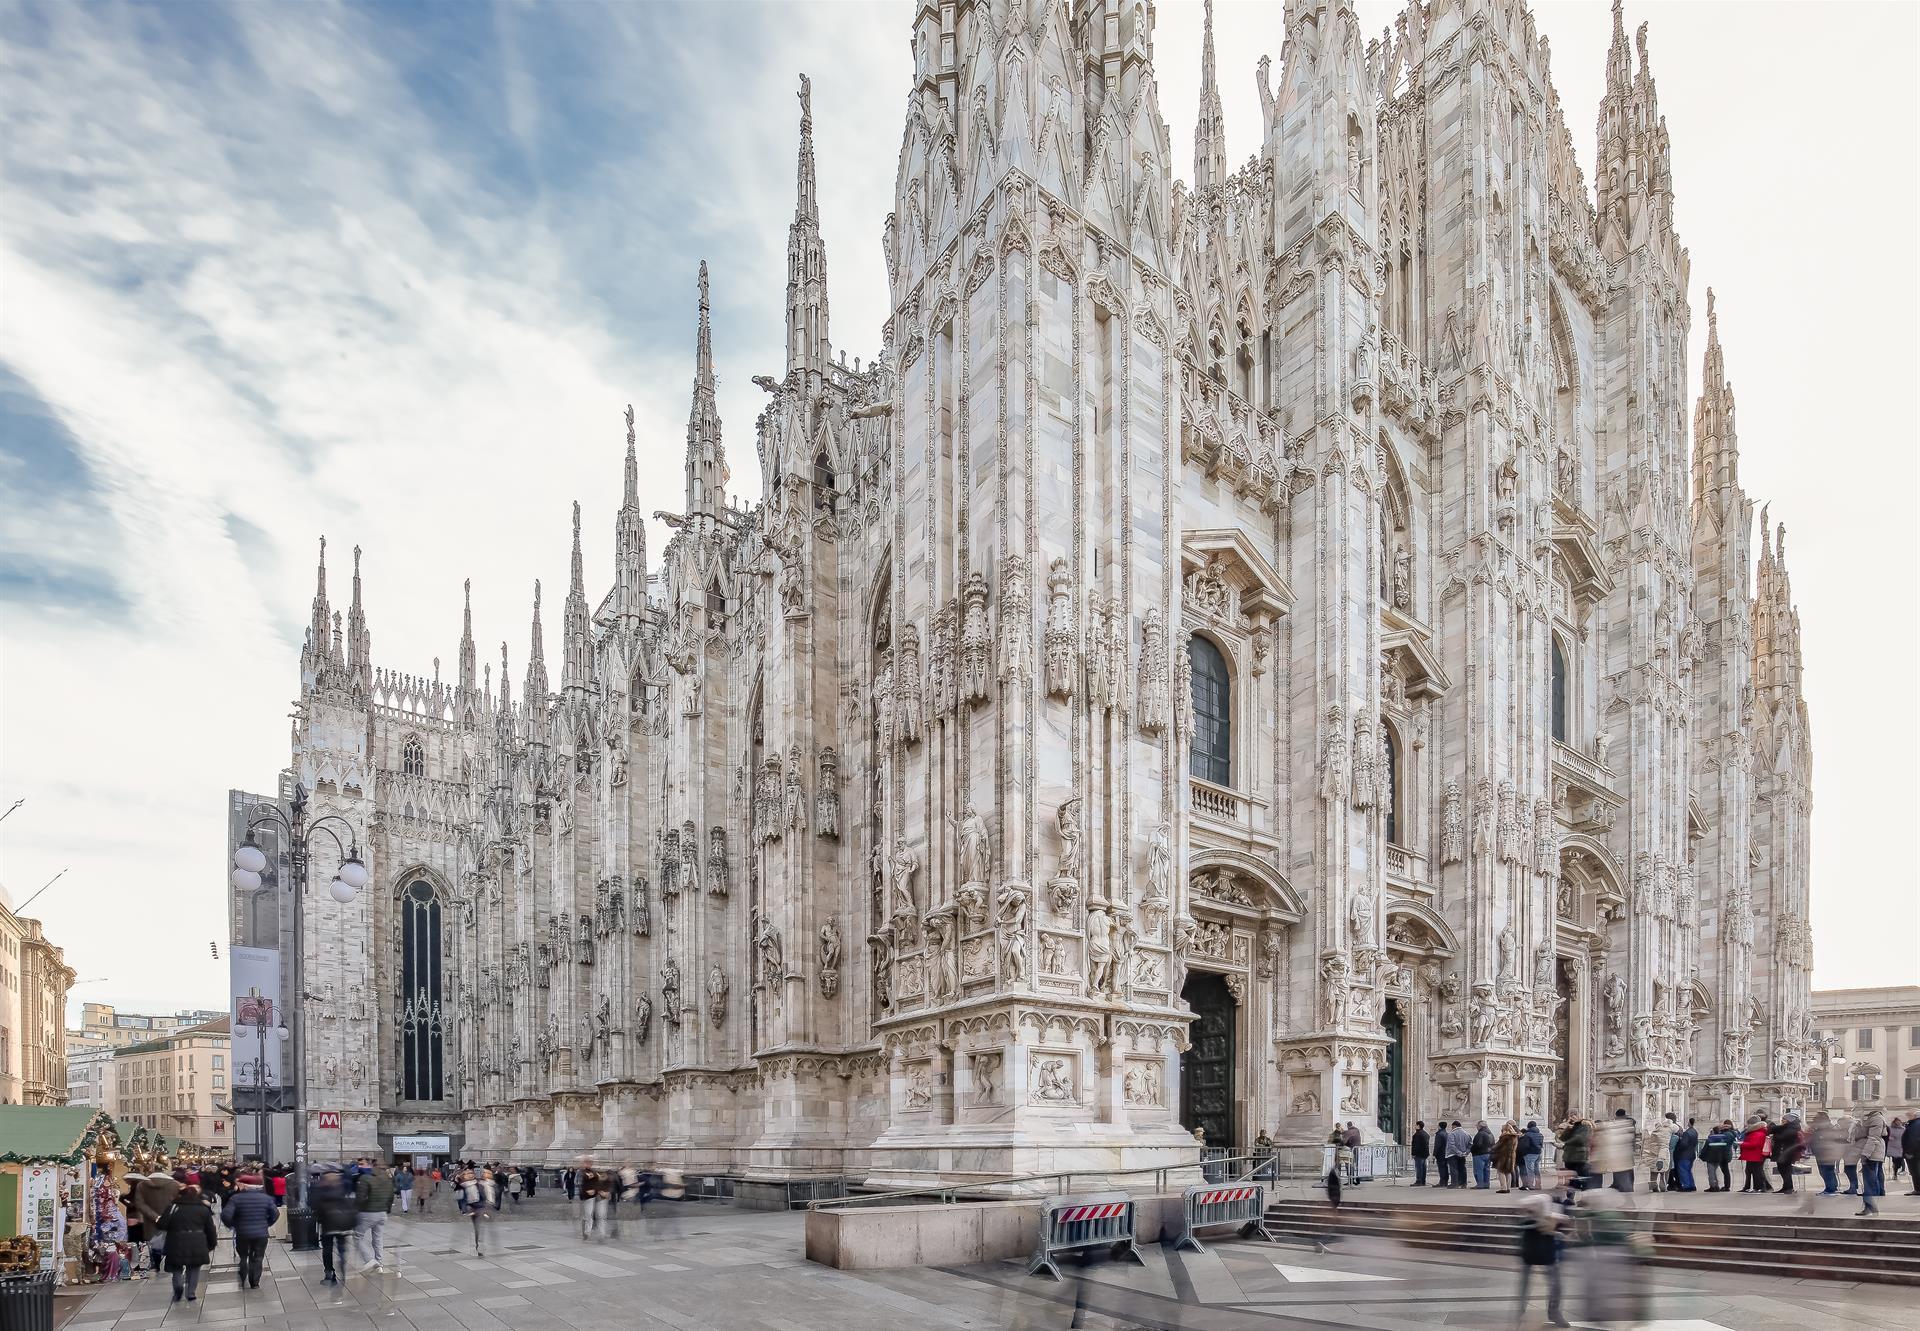 FS 2018 Dec30 Duomo Piazza 01